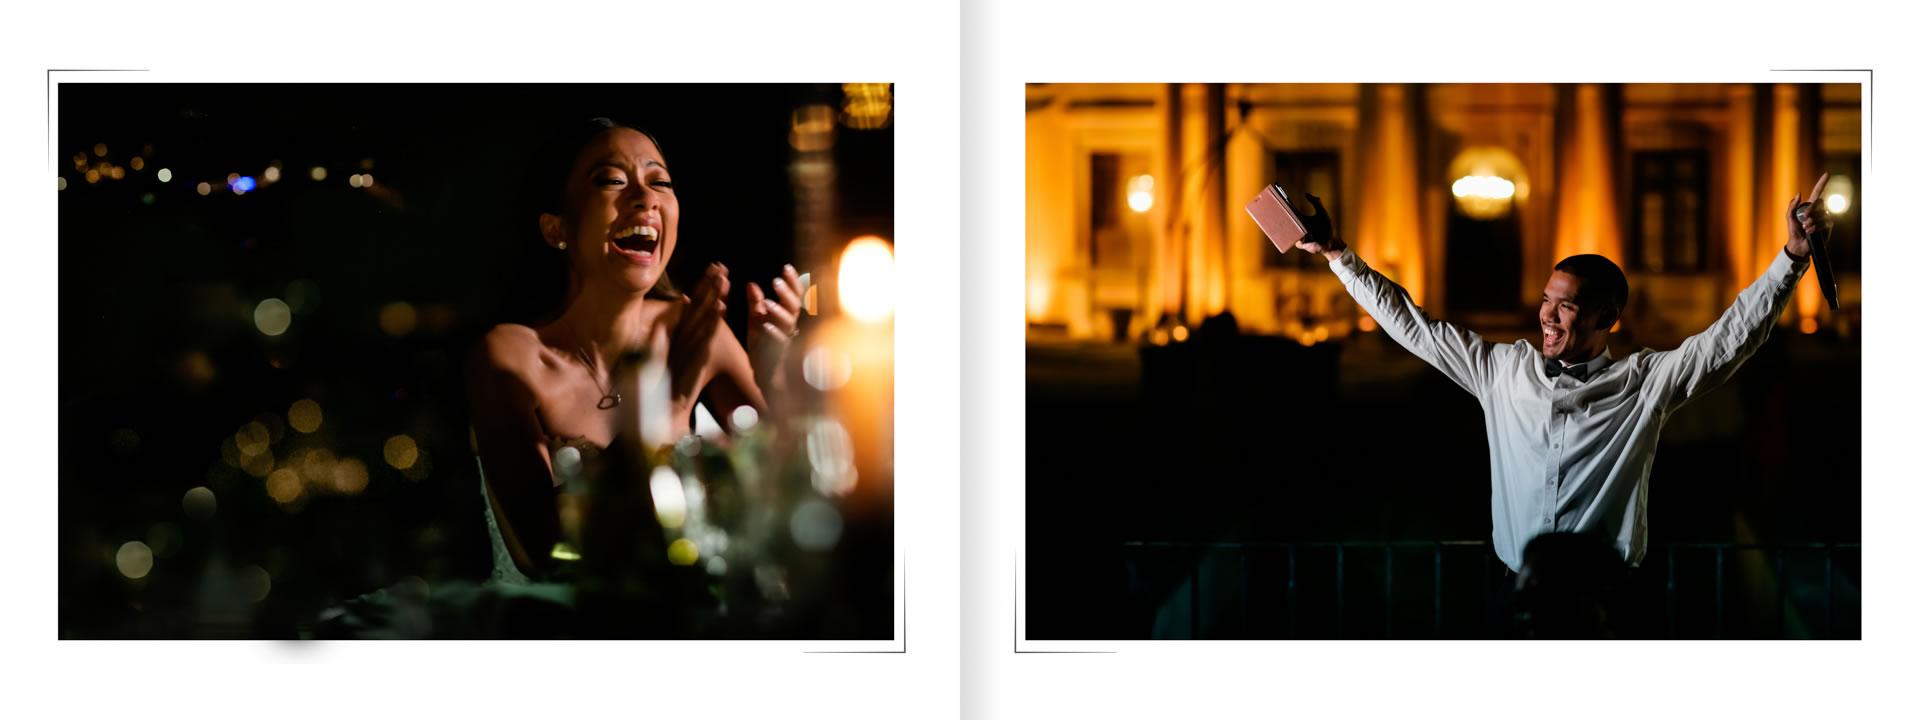 villa-di-maiano-david-bastianoni-photographer-00039 - 39 :: Wedding at Villa di Maiano :: Luxury wedding photography - 38 :: villa-di-maiano-david-bastianoni-photographer-00039 - 39